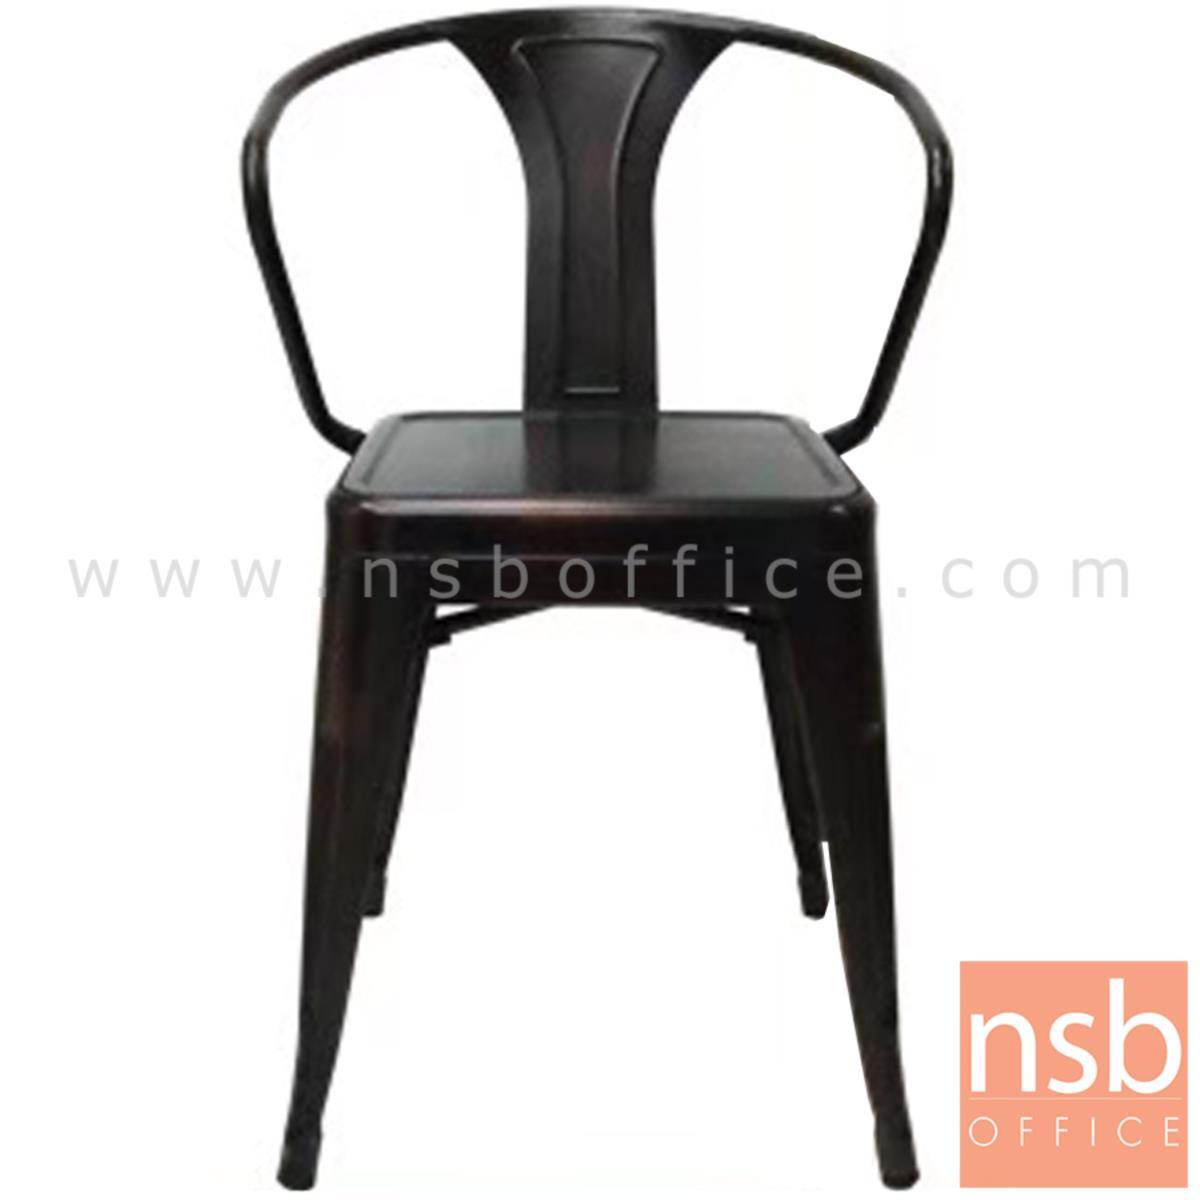 เก้าอี้โมเดิร์นเหล็ก รุ่น Gayfeather ขนาด 51W cm. โครงขาเหล็ก